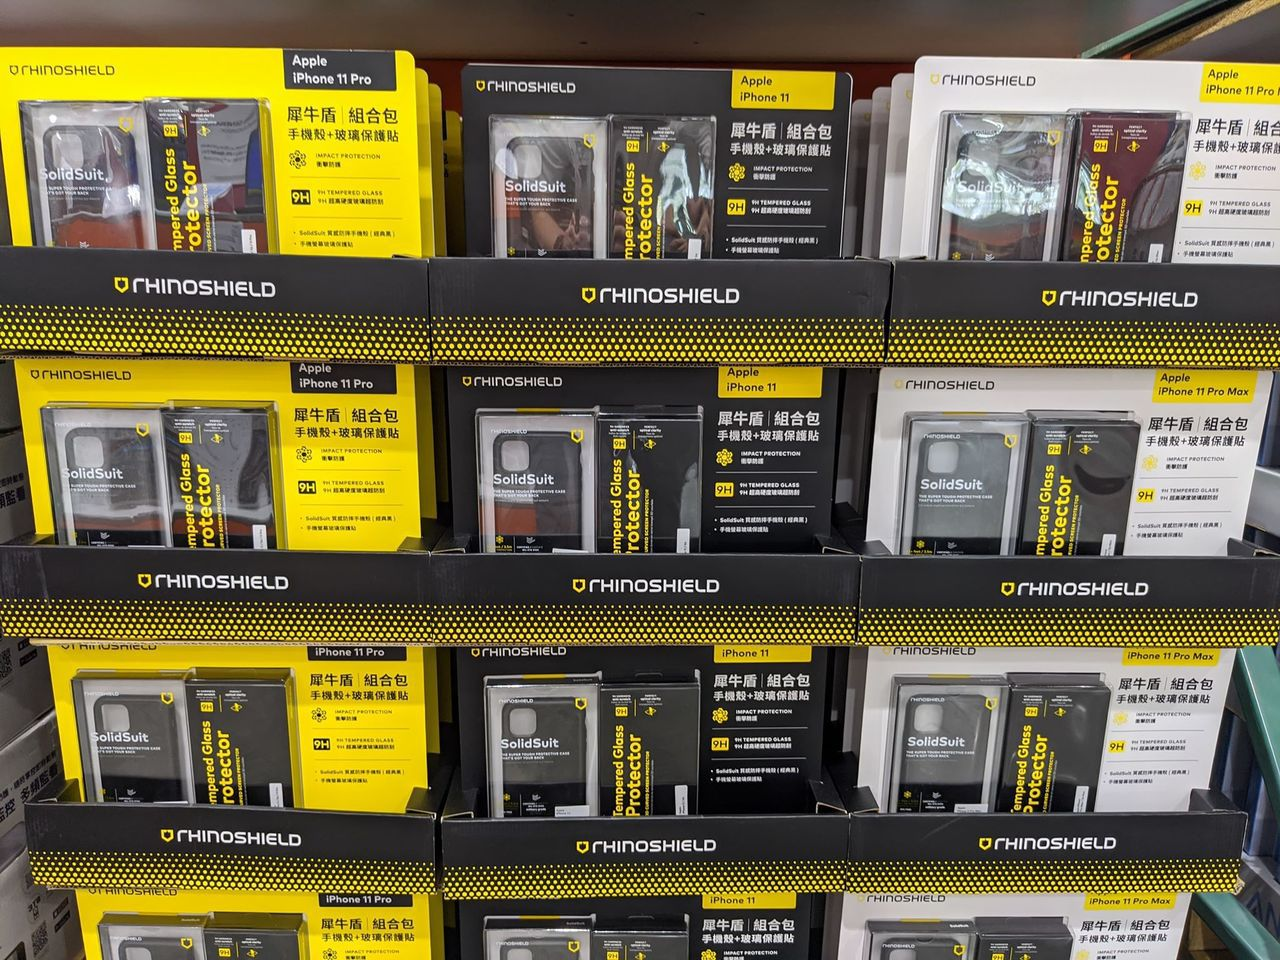 好市多販售的犀牛盾防護組合包,共有iPhone 11、iPhone 11 Pro...